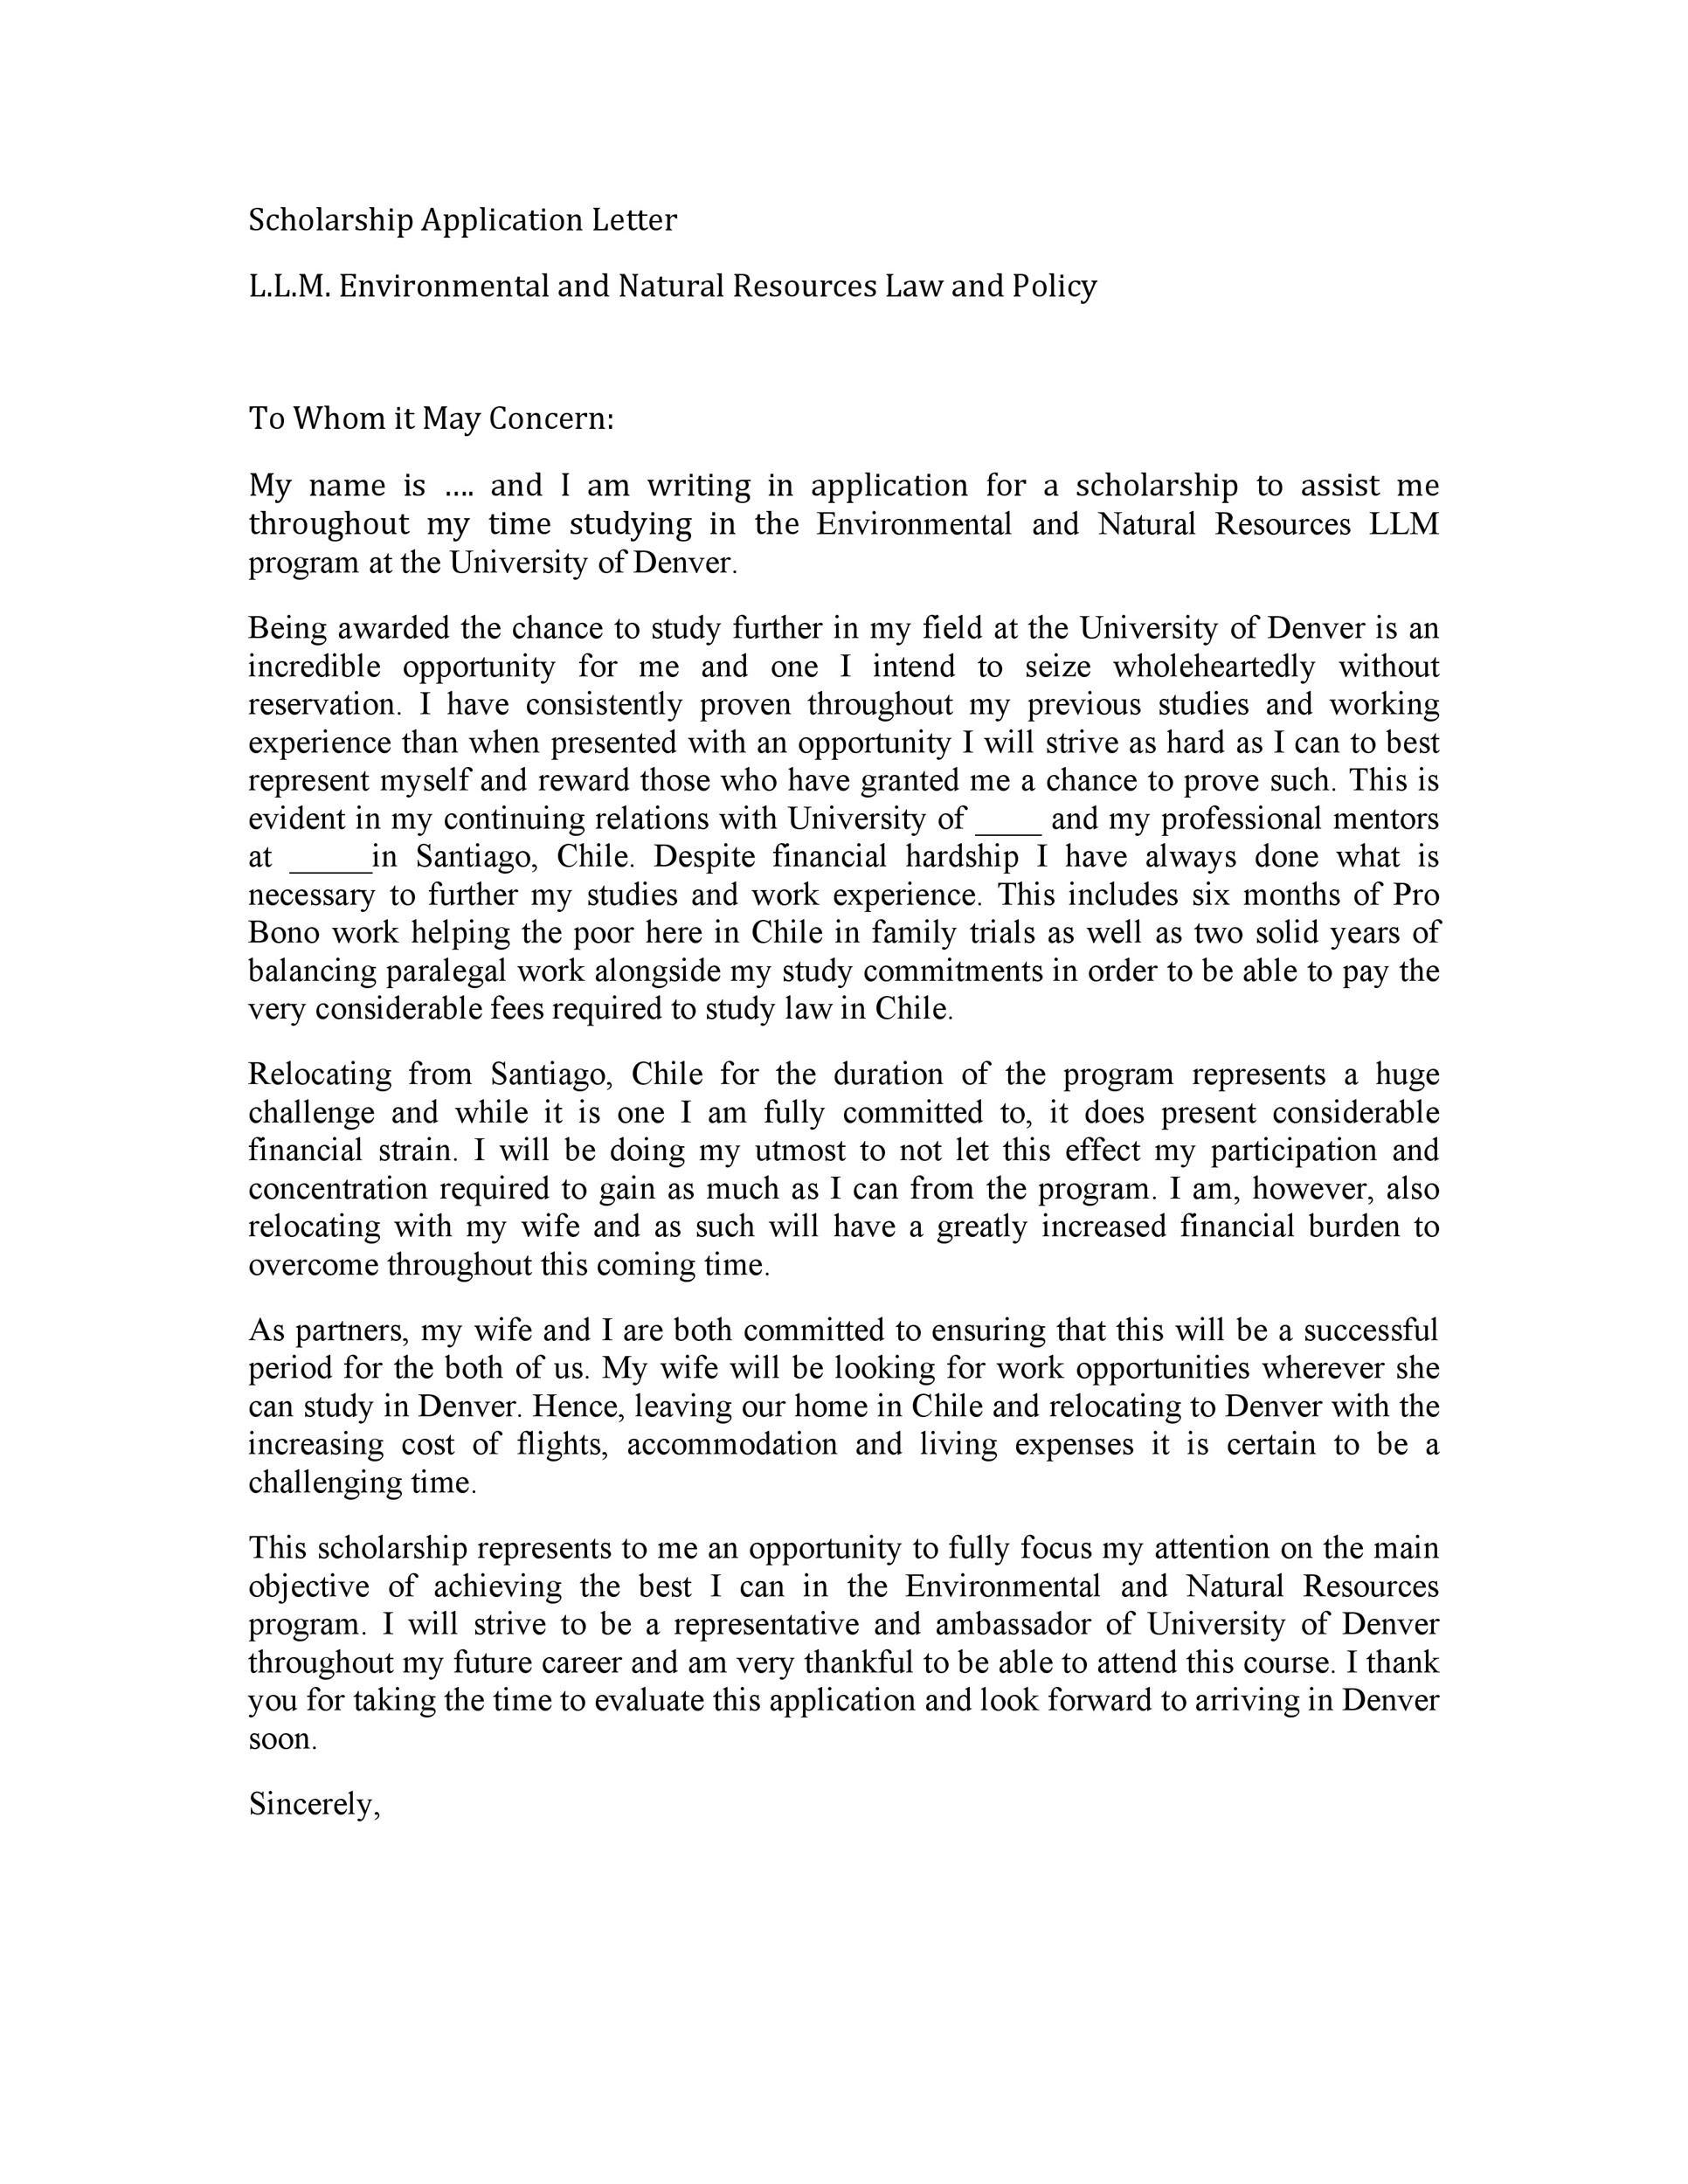 Application Letter Sample For Scholarship Kotimamma